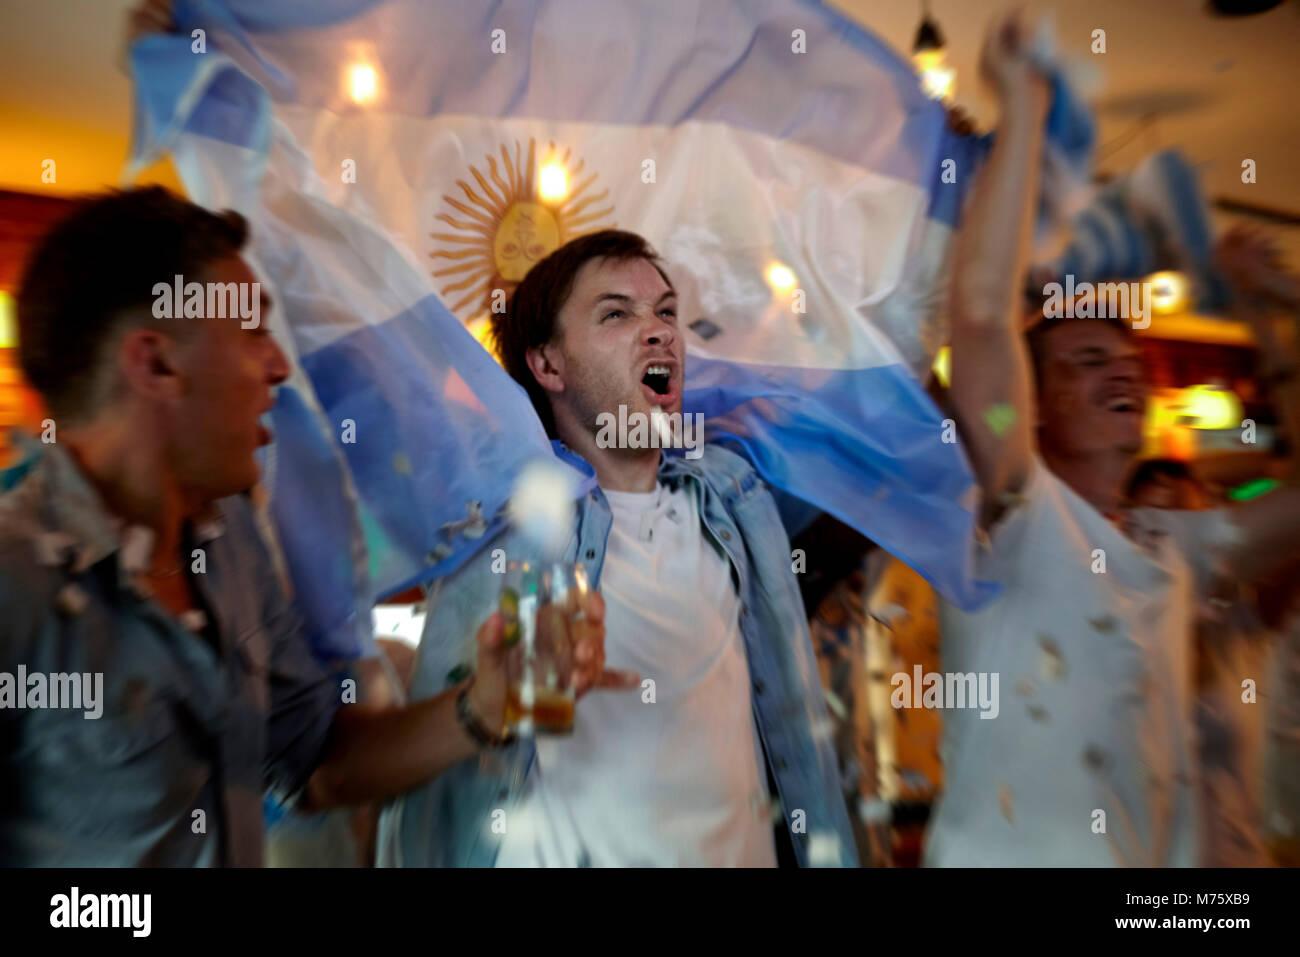 Argentinische Fußball-Fans feiern in bar Stockbild